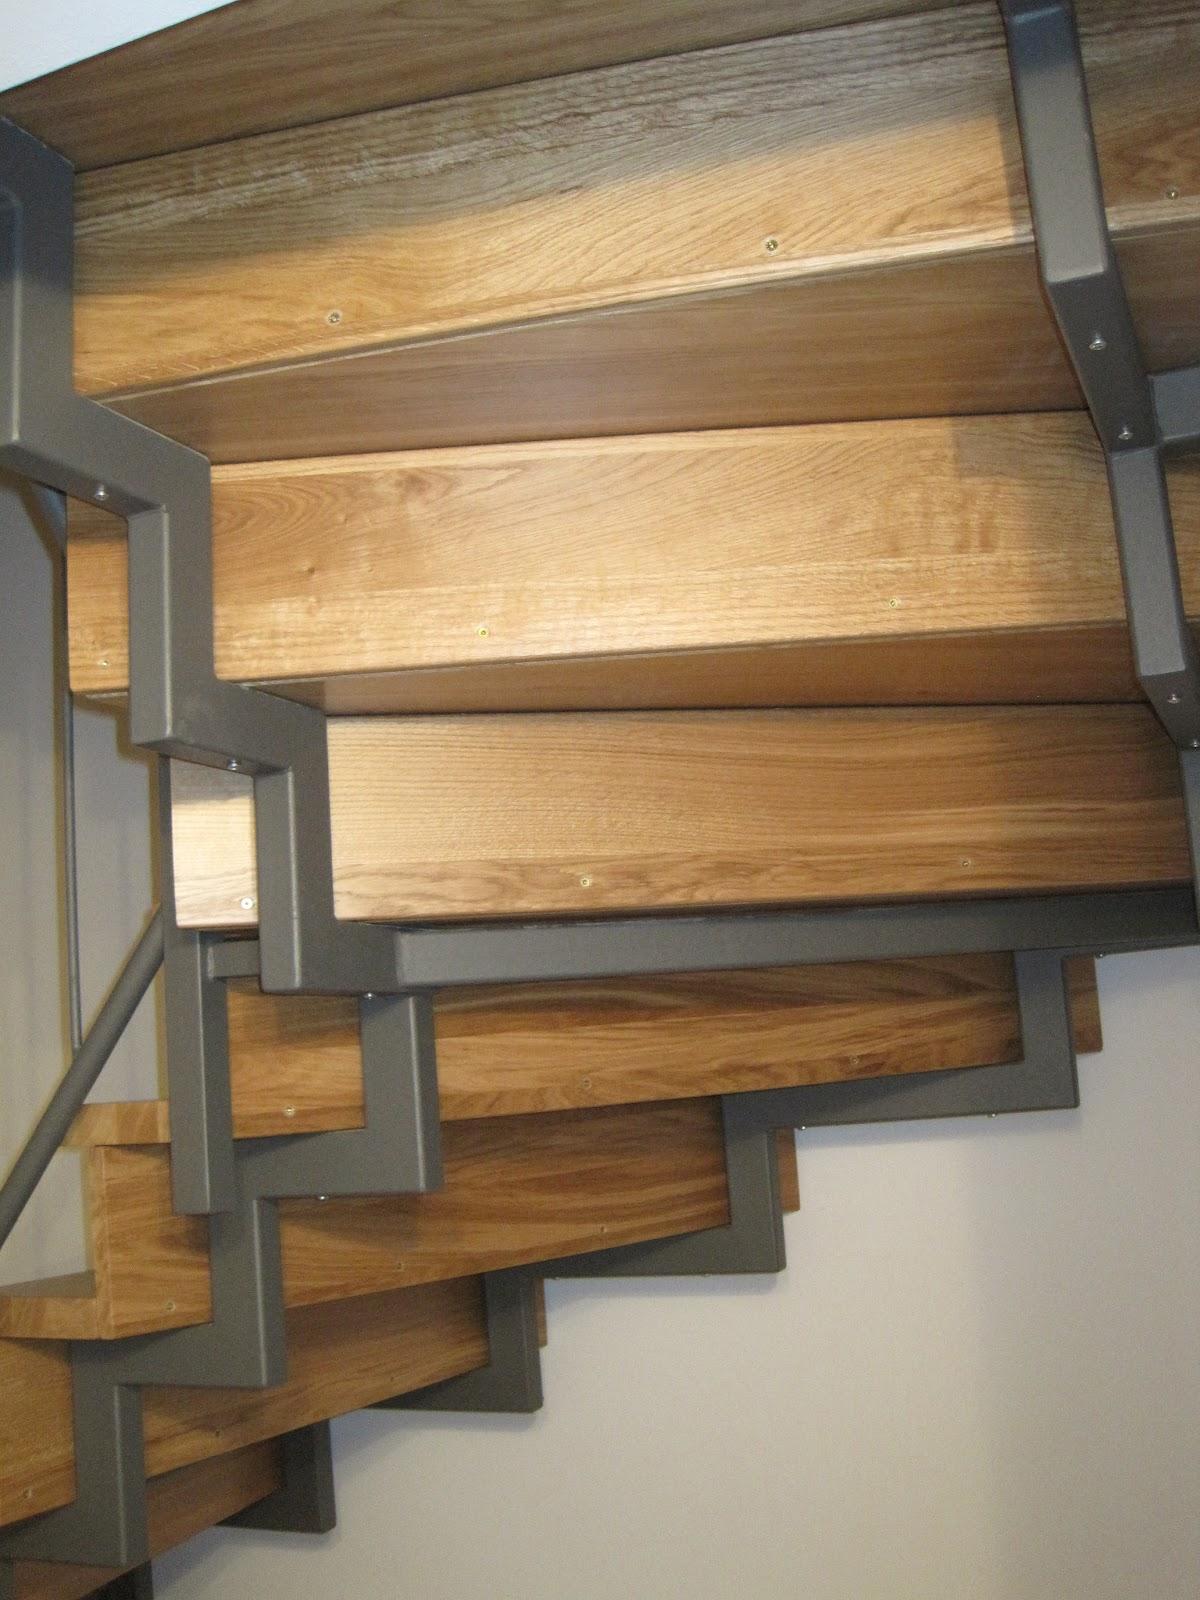 das noriplana bautagebuch treppe firma haubner treppen neumarkt p lling endzustand. Black Bedroom Furniture Sets. Home Design Ideas